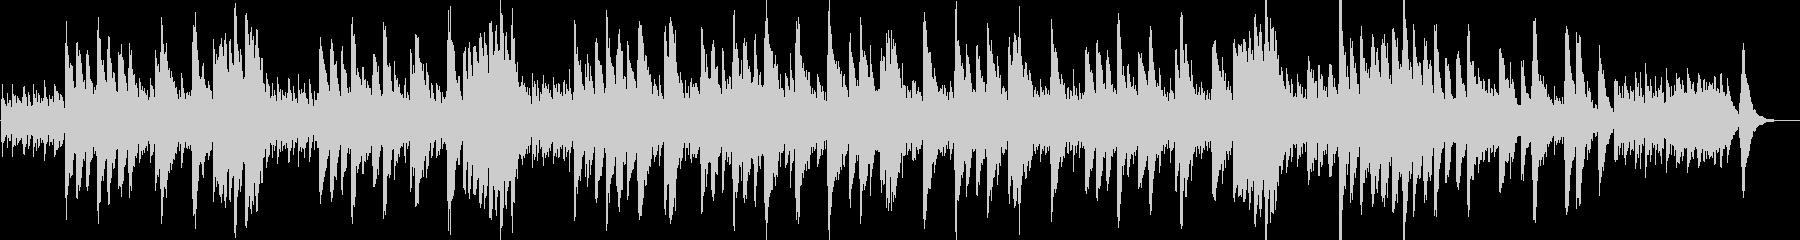 サンサーンス「白鳥」オルゴール風の未再生の波形